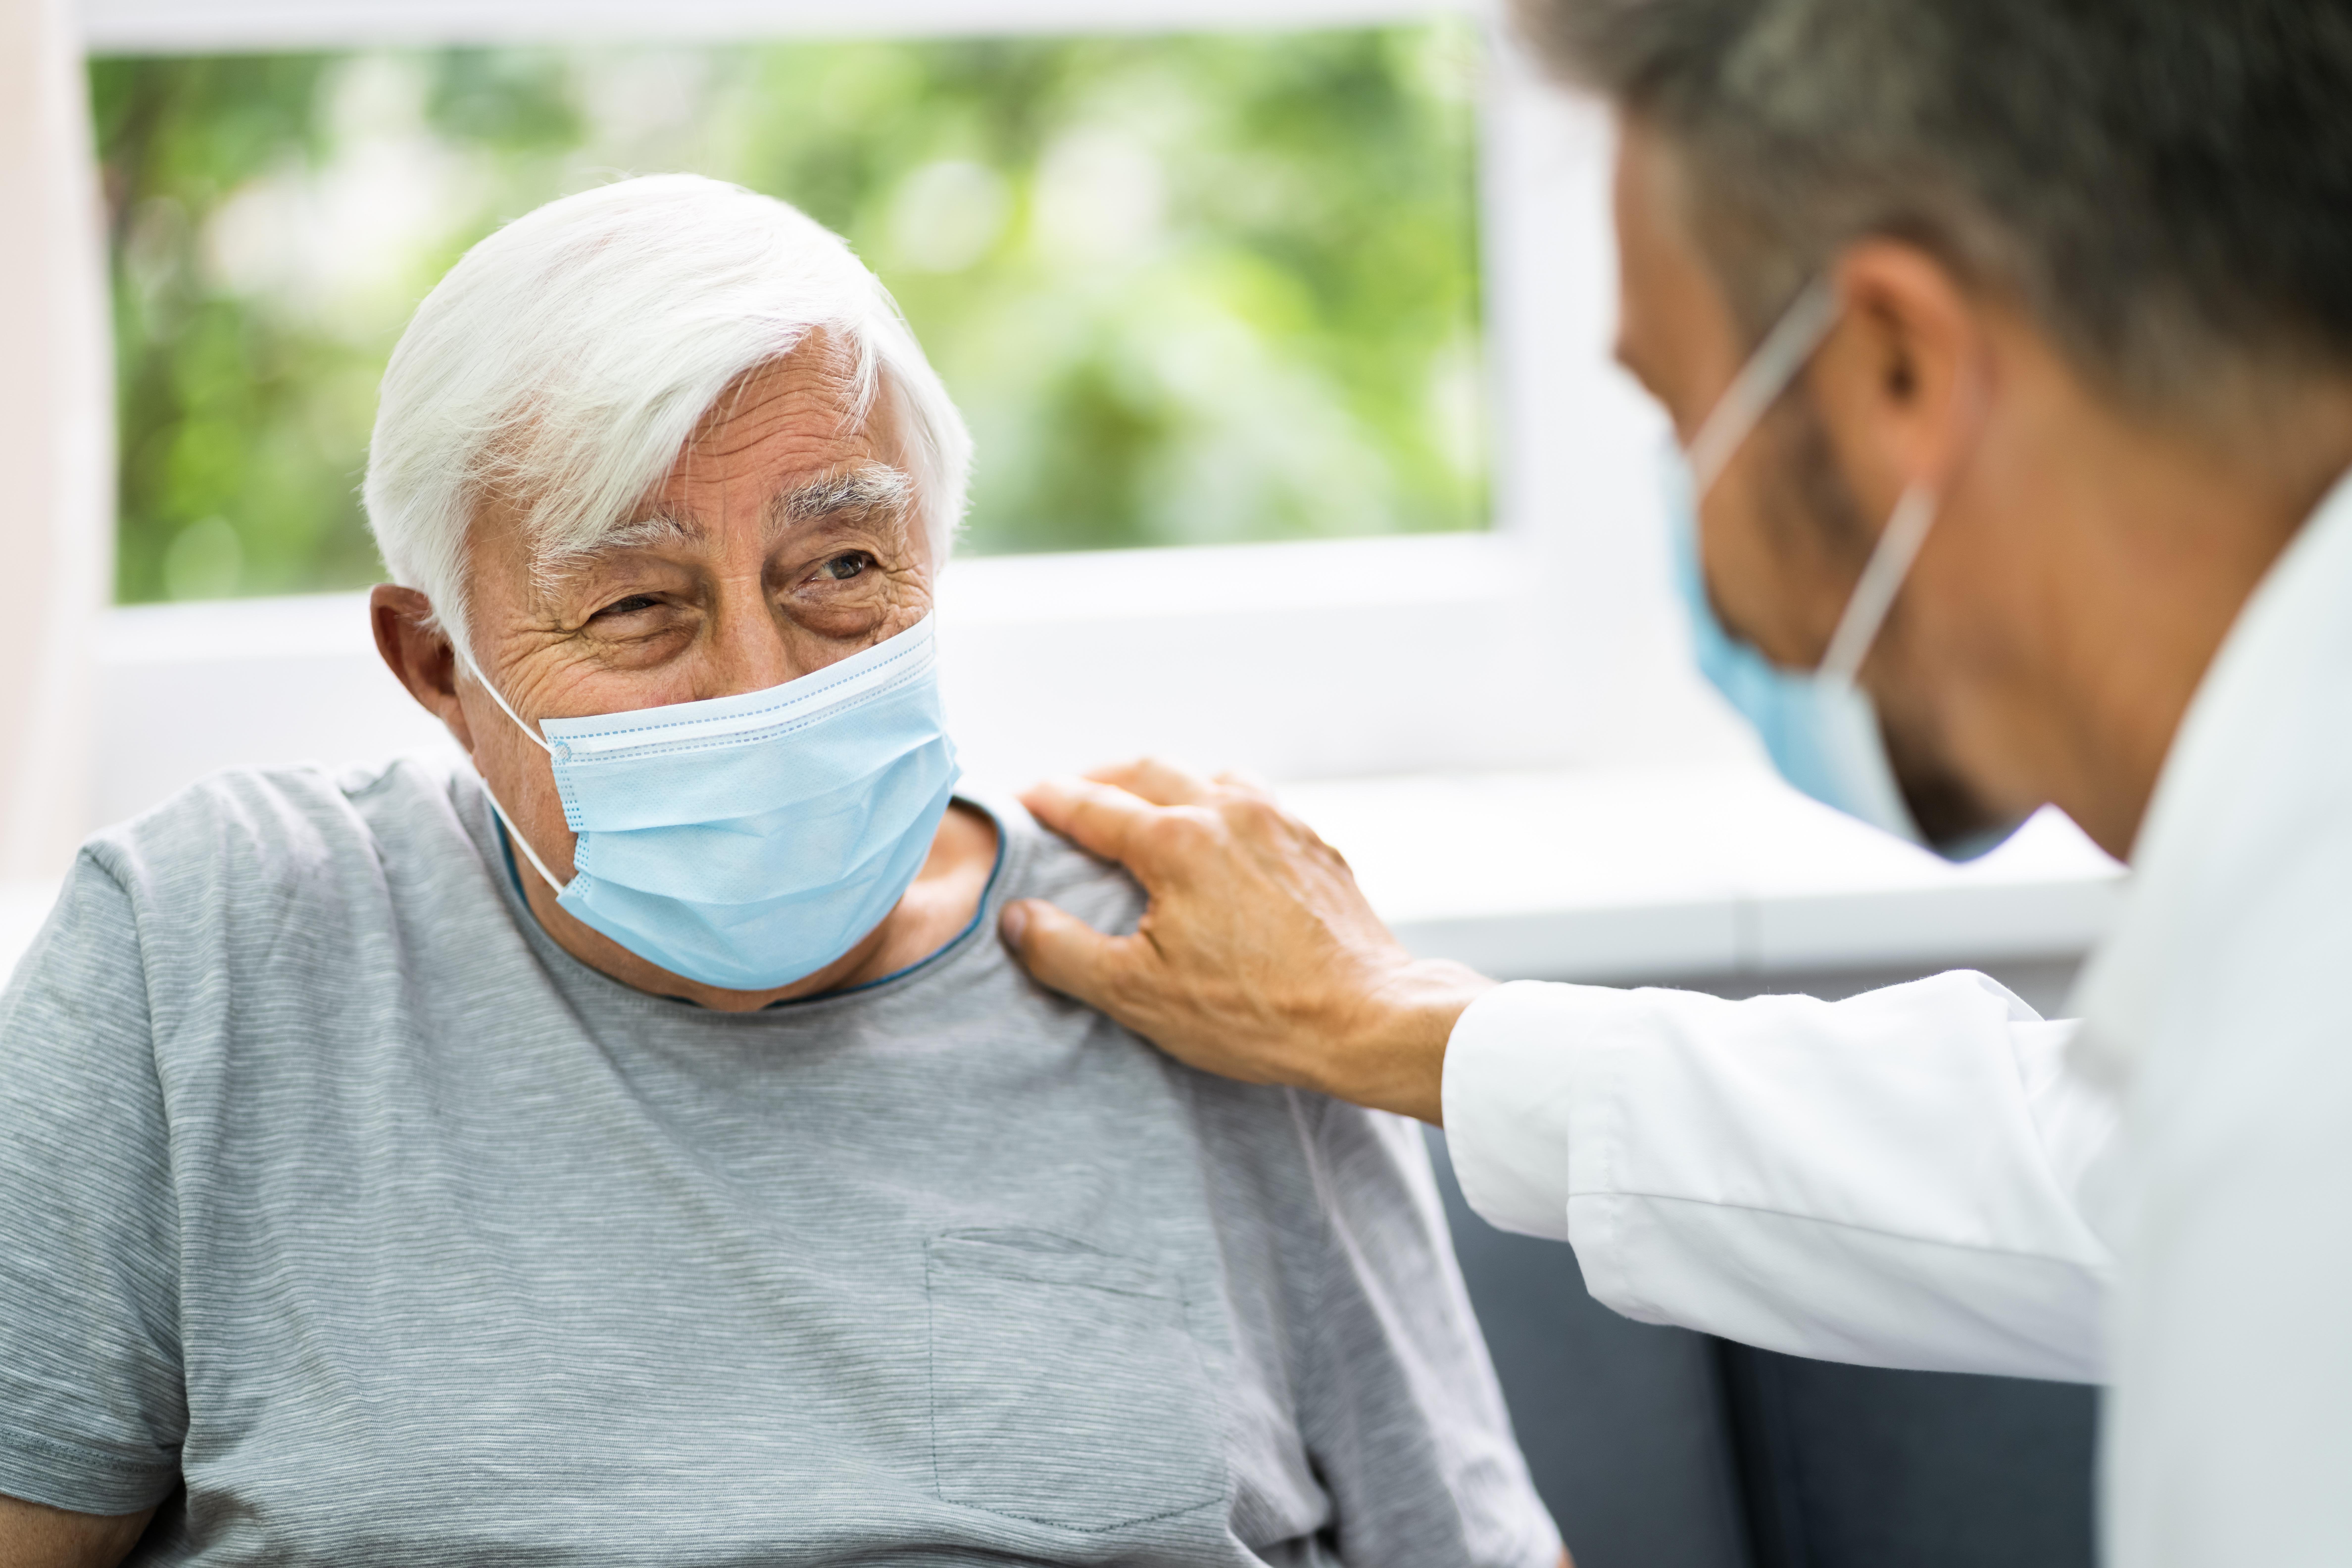 Quelles sont les caractéristiques des patients associées à la mortalité toutes causes confondues à 30 jours chez les résidents COVID-19 symptomatiques des EHPAD  (Visuel Adobe Stock 362235750)